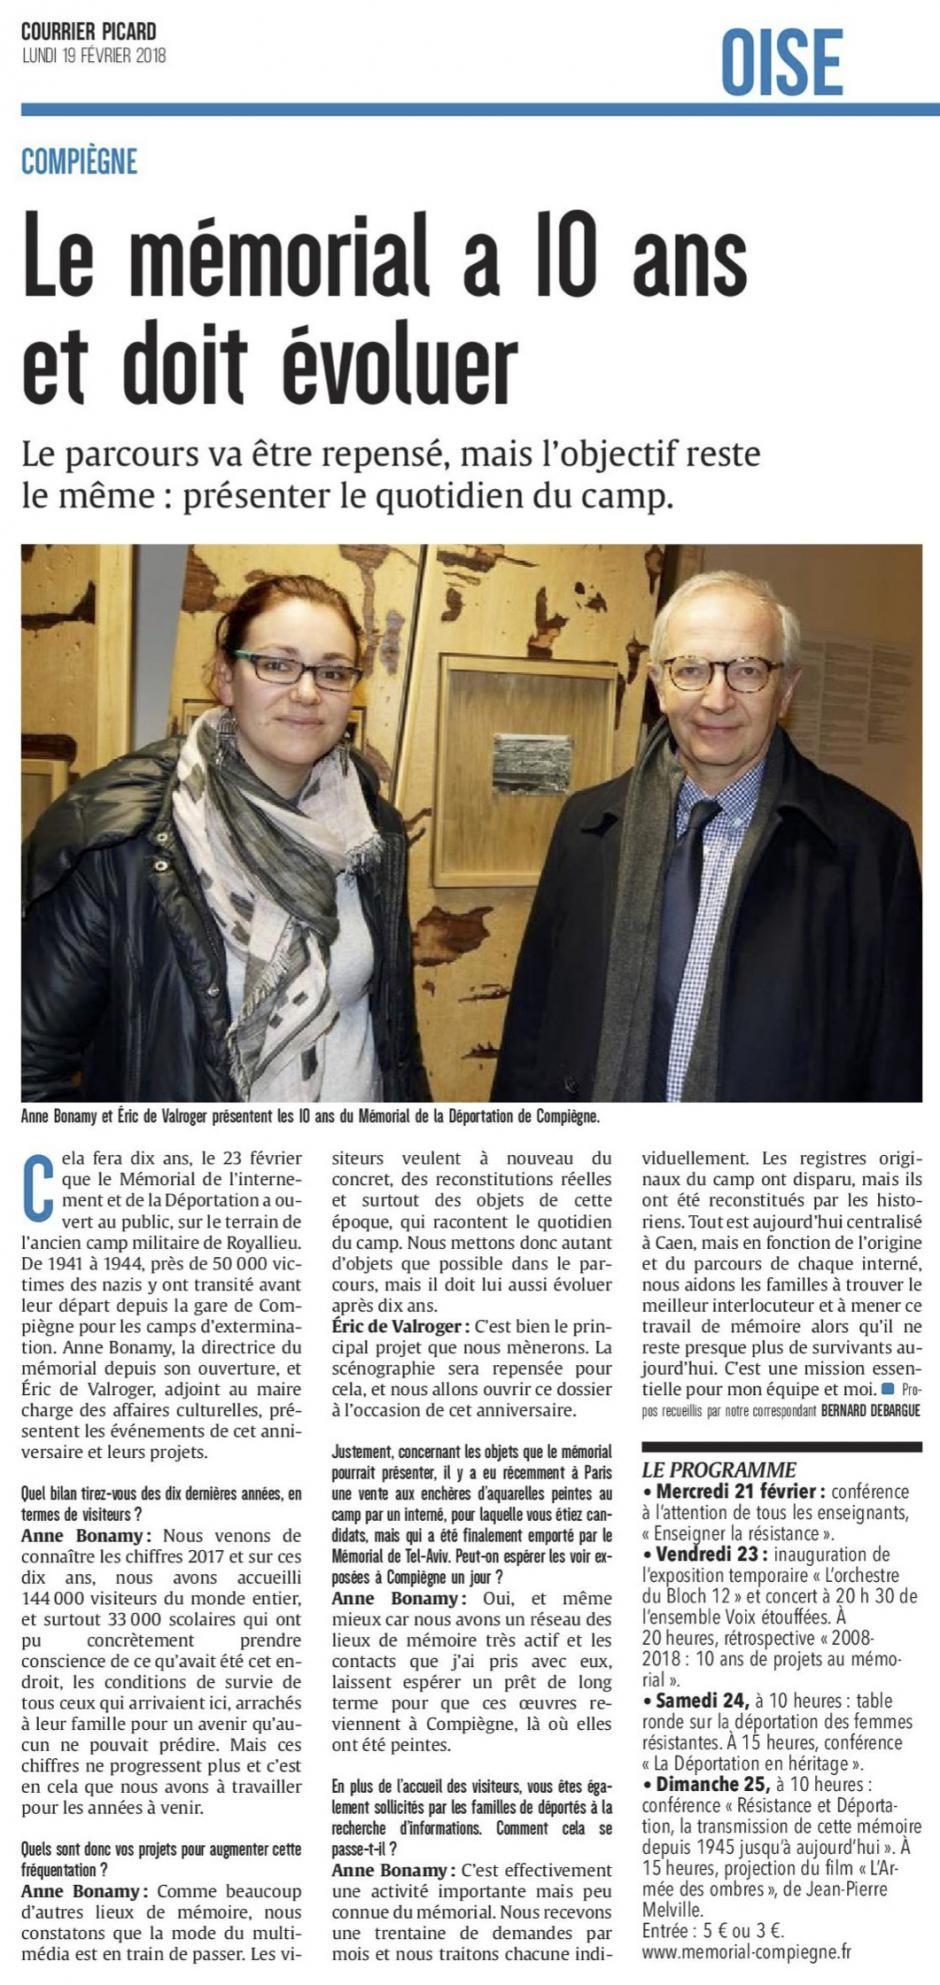 20180219-CP-Compiègne-Le Mémorial a dix ans et doit évoluer